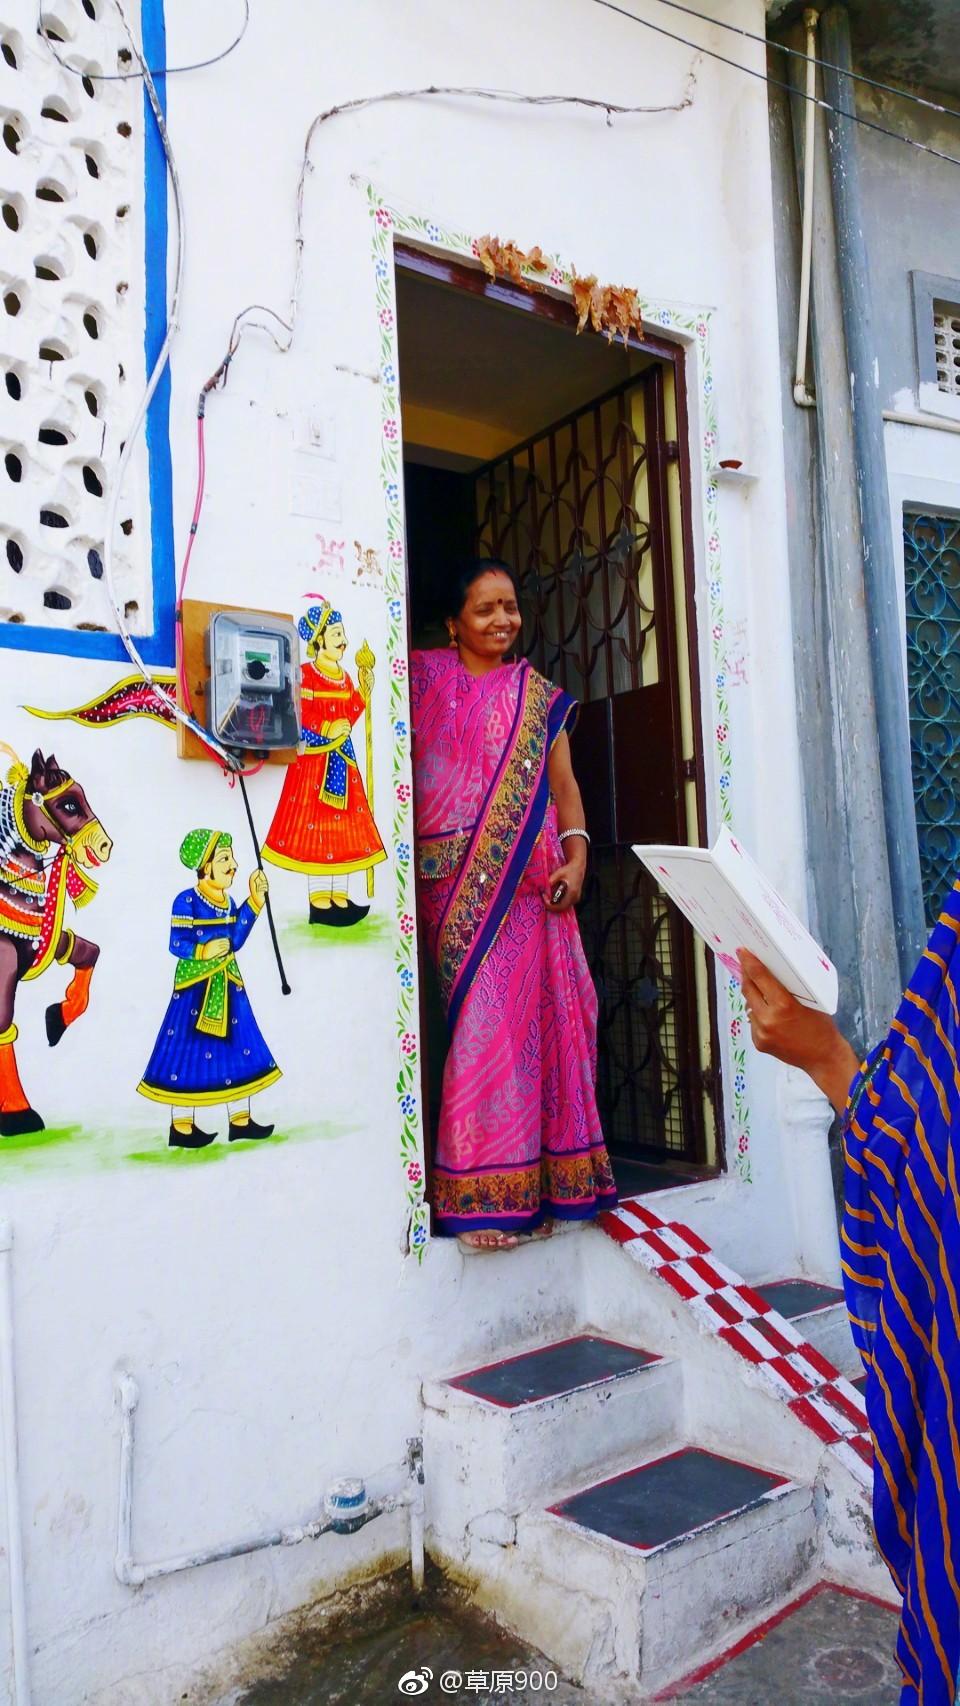 丰富多彩、玄妙神奇的印度